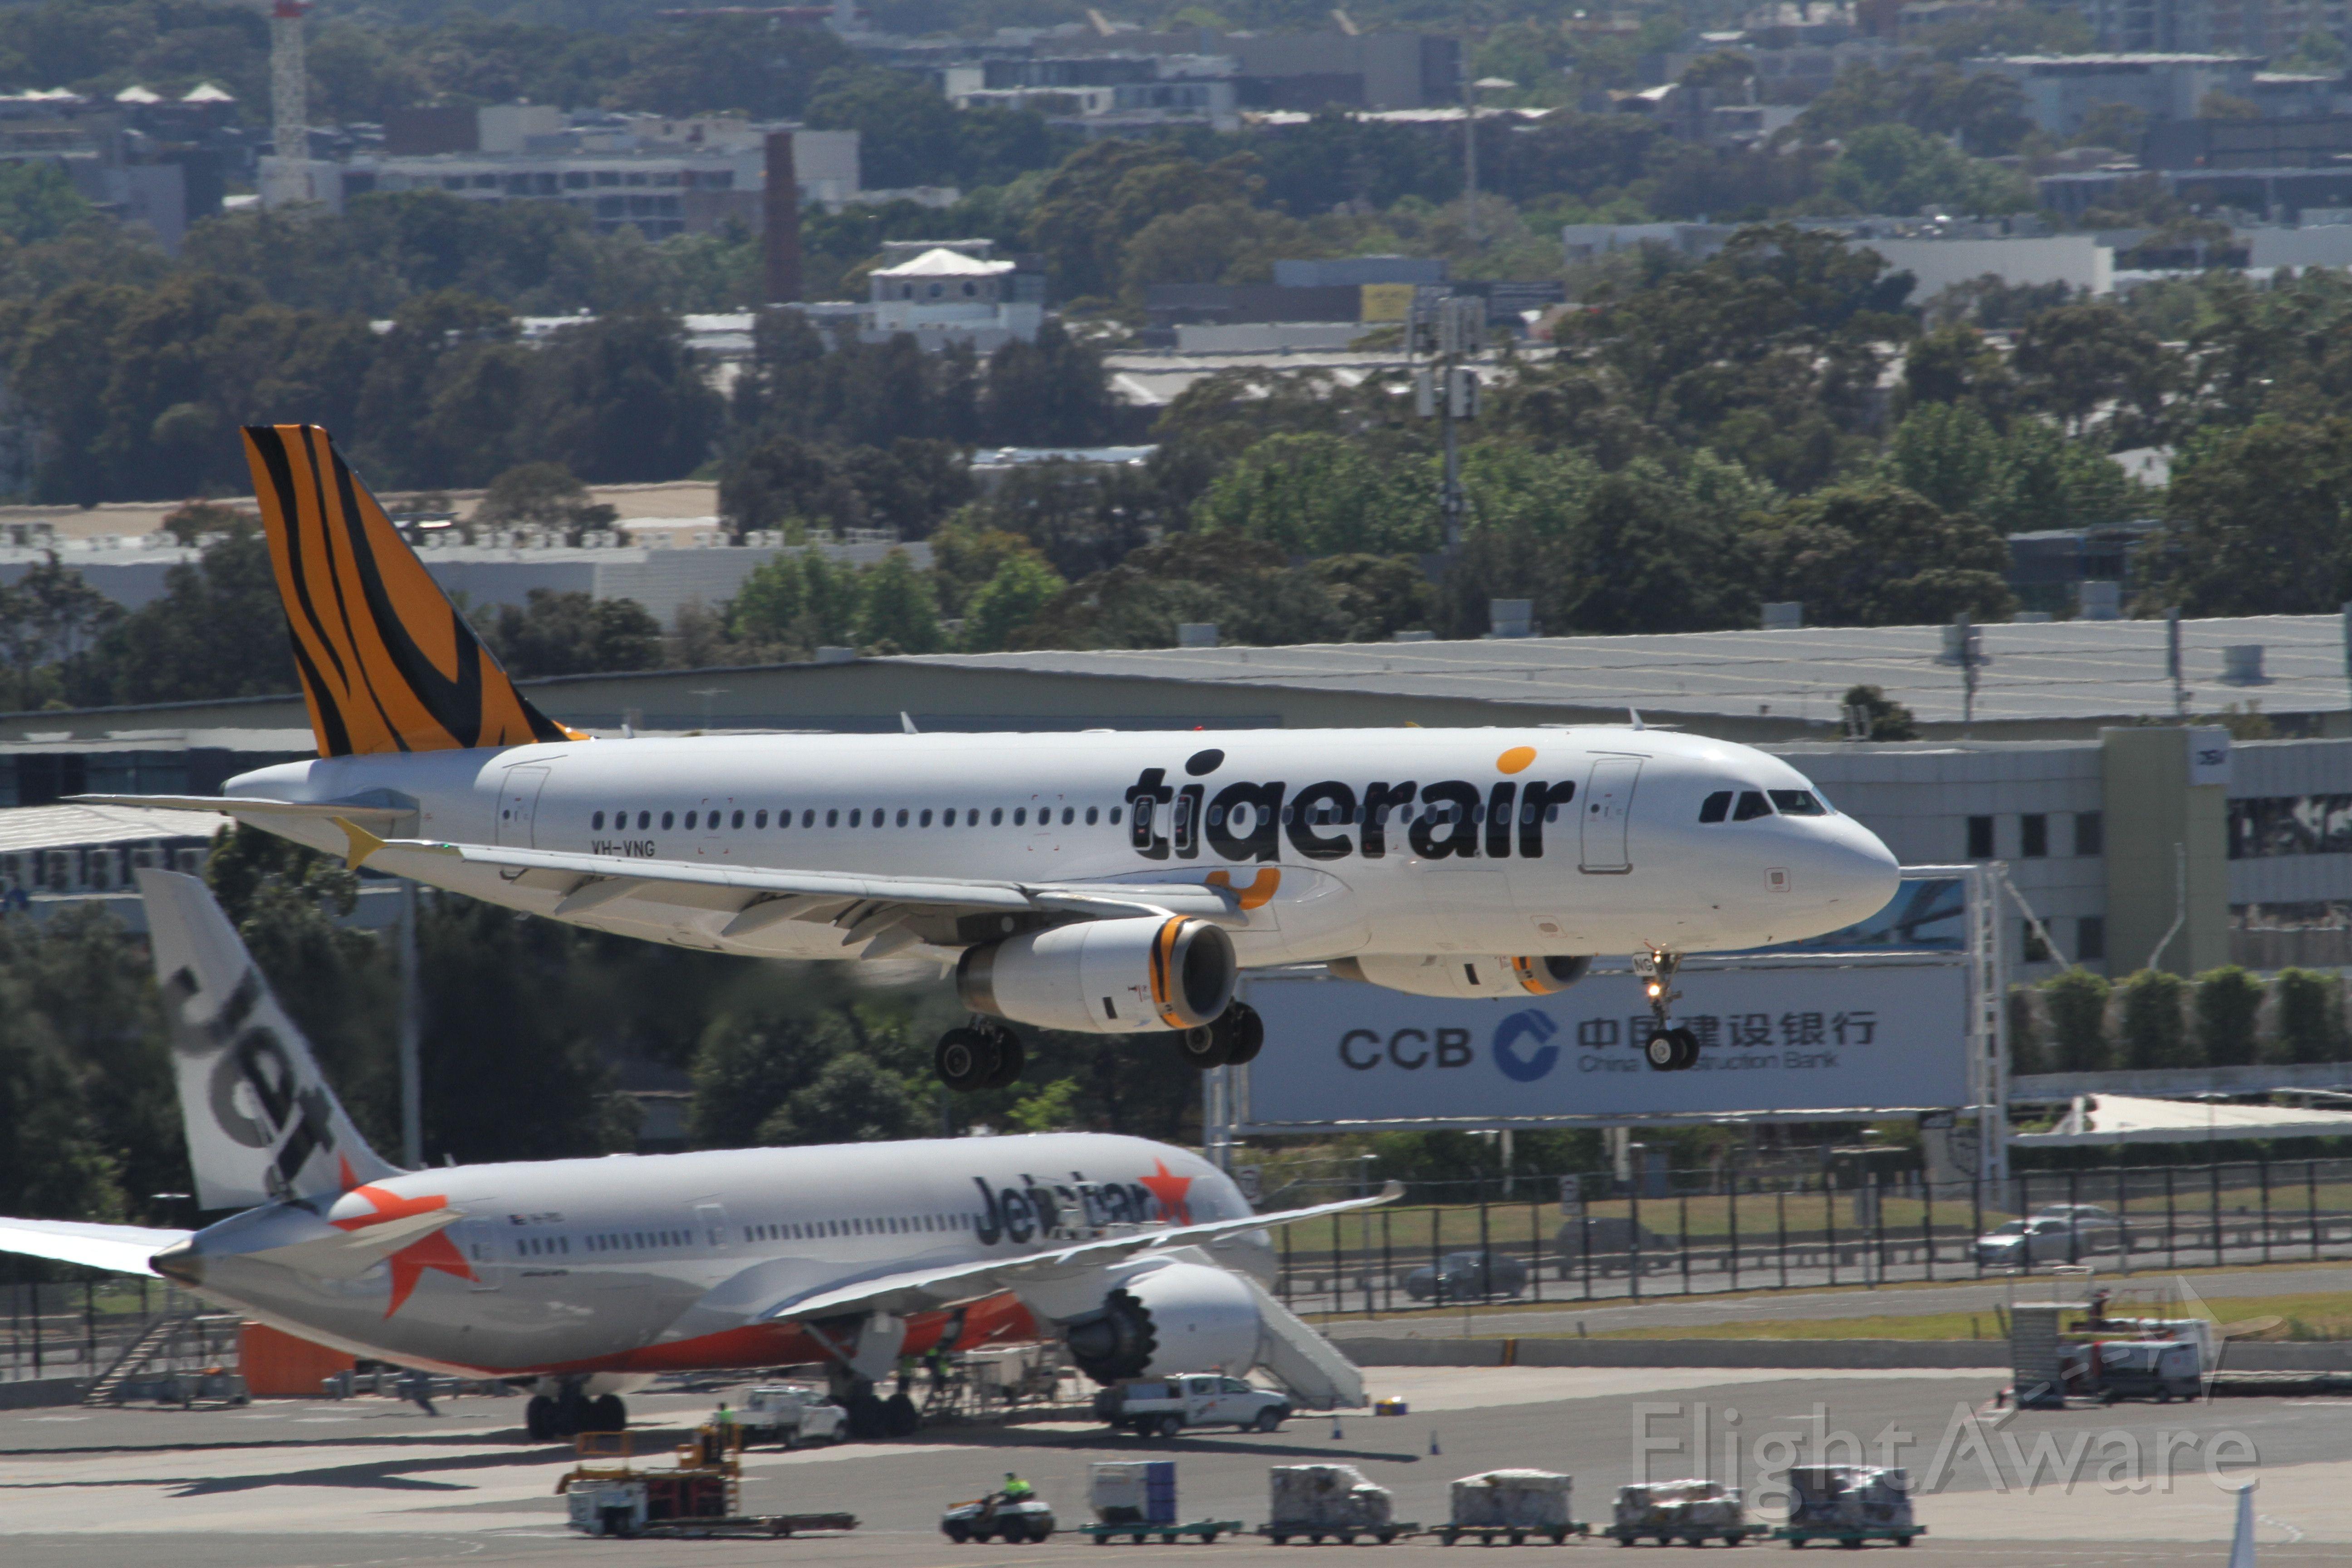 BOEING 737-400 (VH-VNG)